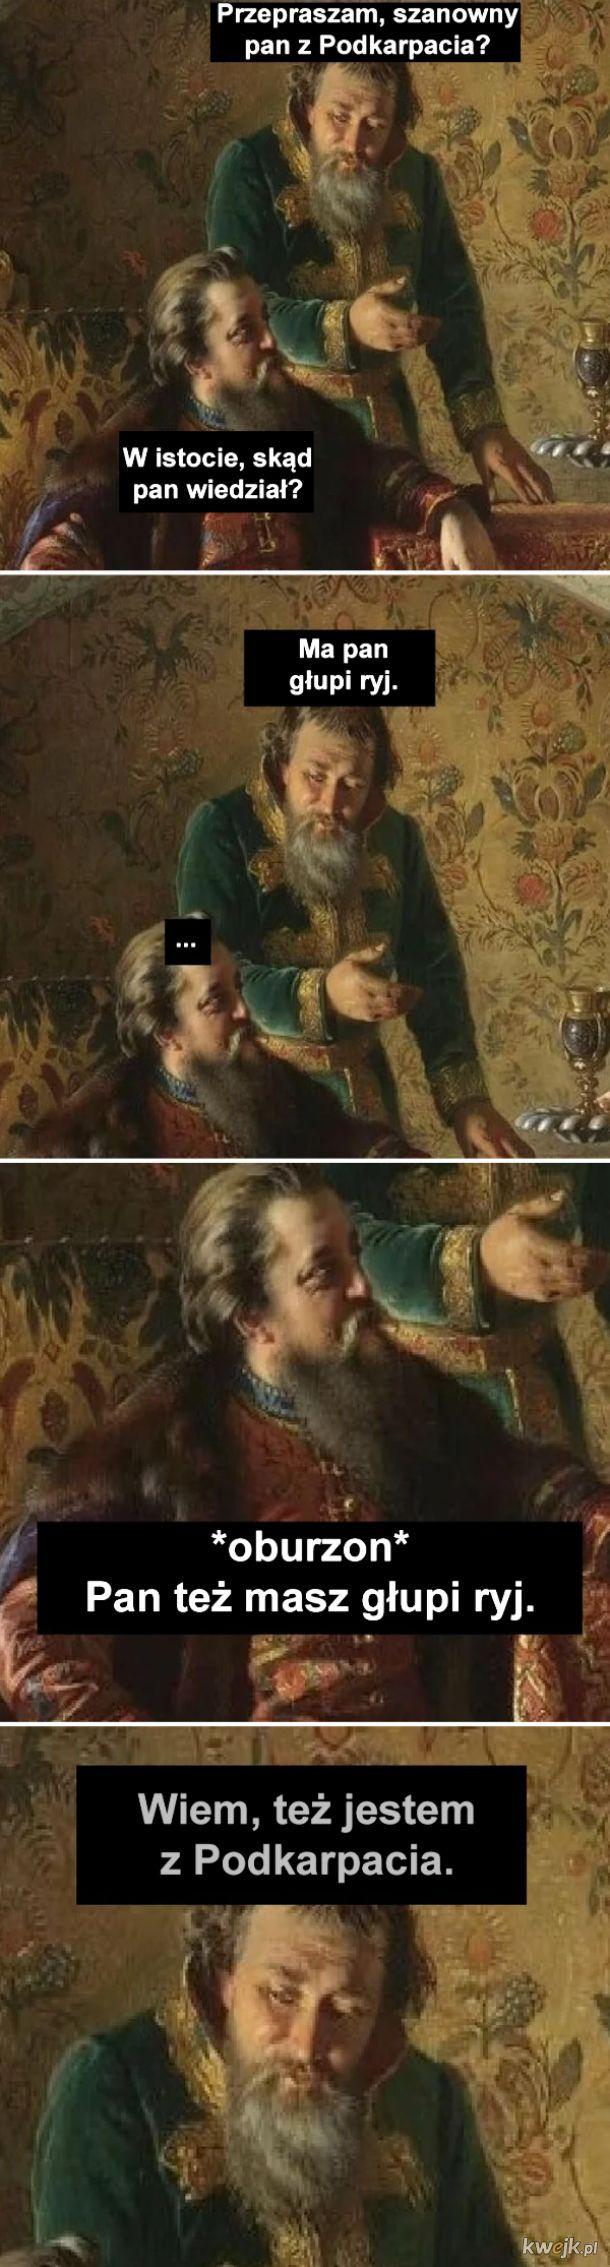 Podkarpacie